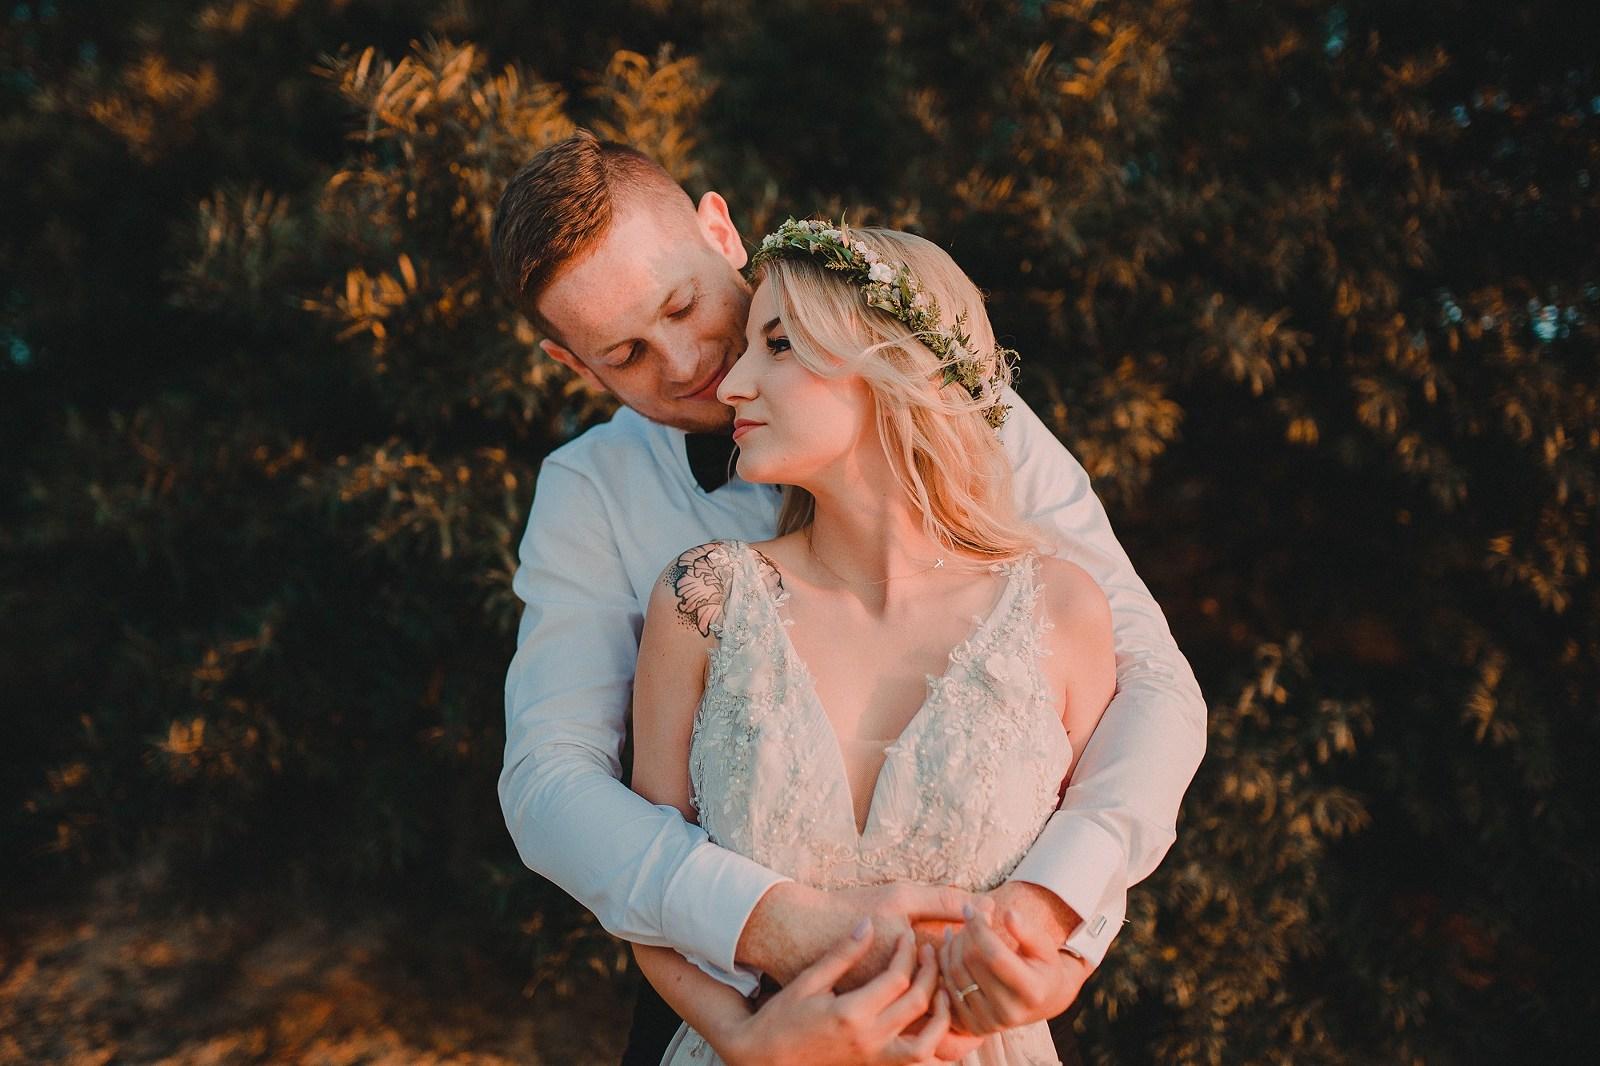 fotograf ślubny trójmiasto, zdjęcia ślubne gdańsk